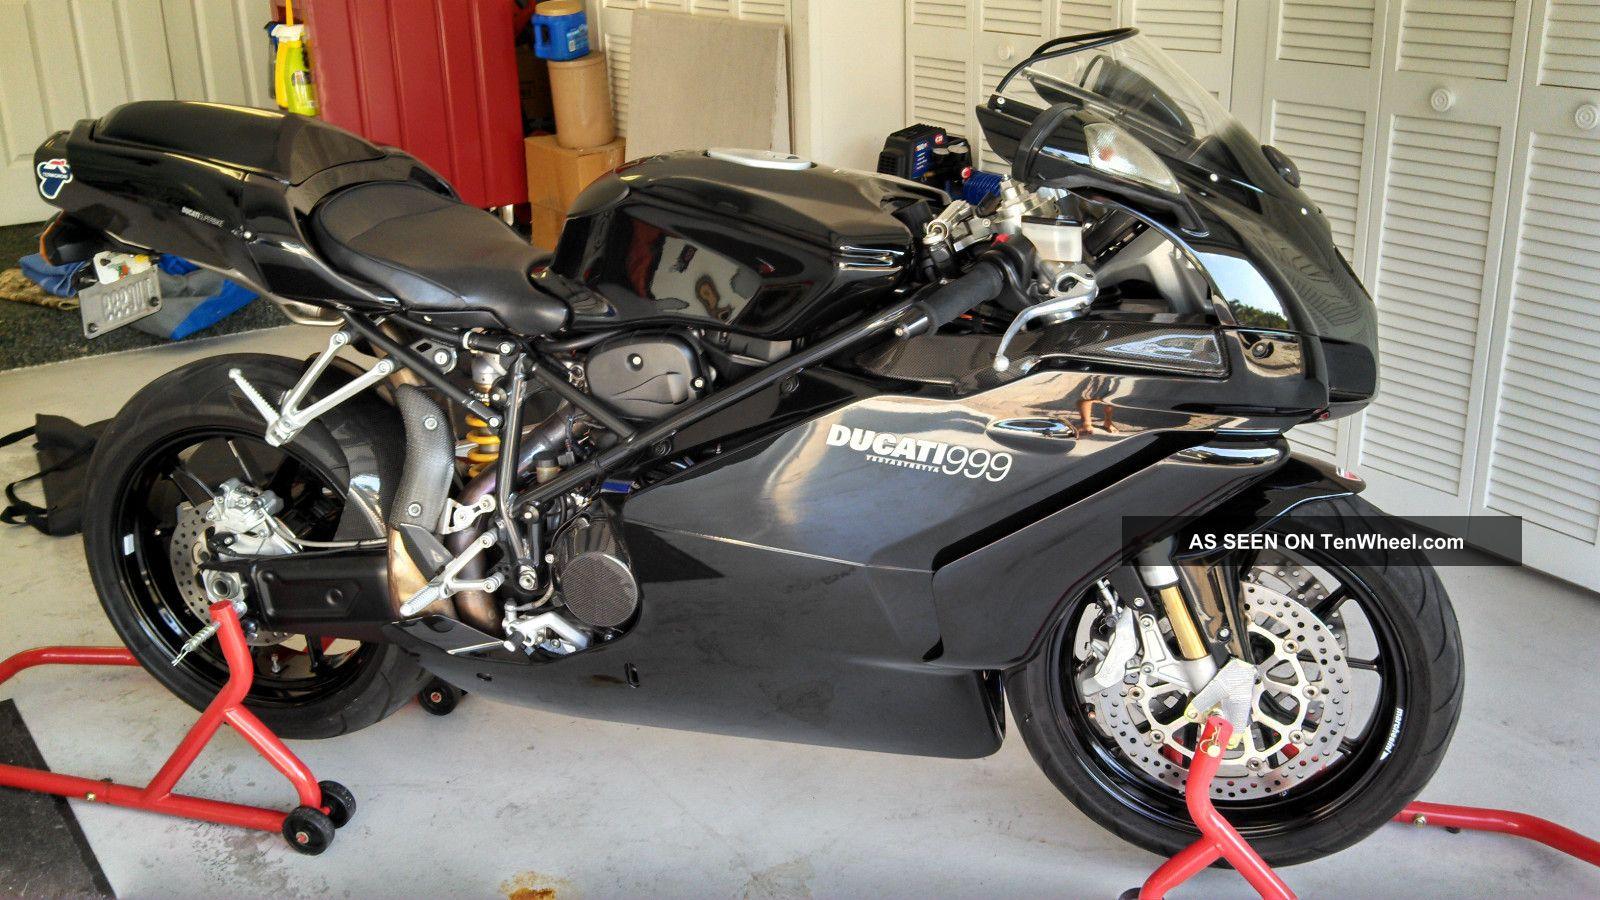 2005 Ducati 999 Bi Posto,  Black Loaded Superbike photo